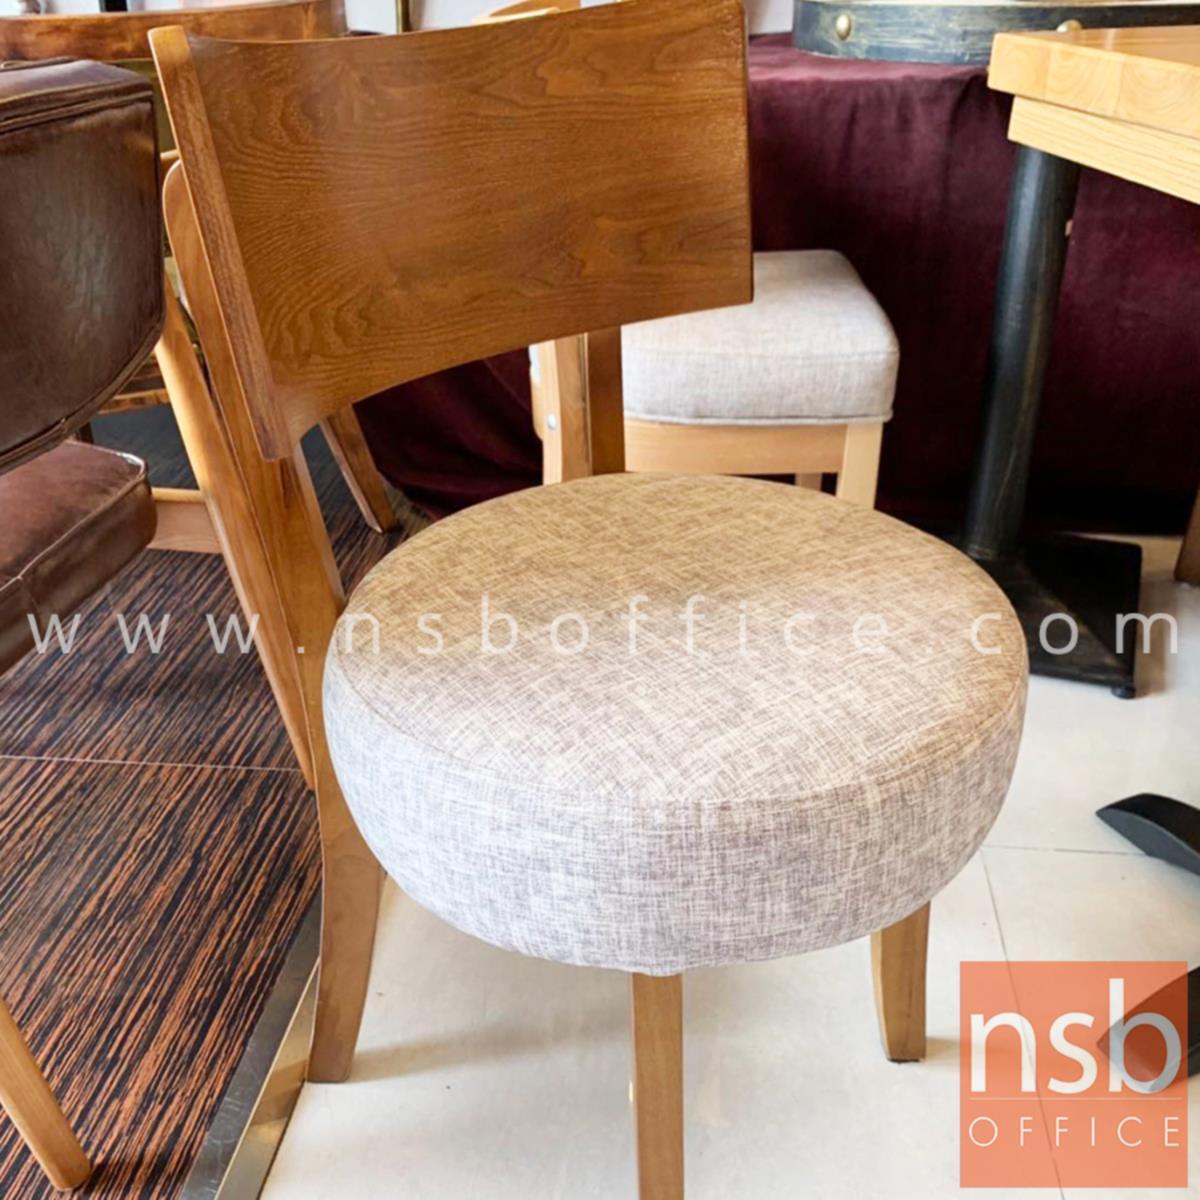 เก้าอี้ล๊อบบี้เบาะกลม หนังเทียมพิมพ์ลาย รุ่น Delta (เดลตา)  พนักพิงโค้ง โครงไม้ทำสี